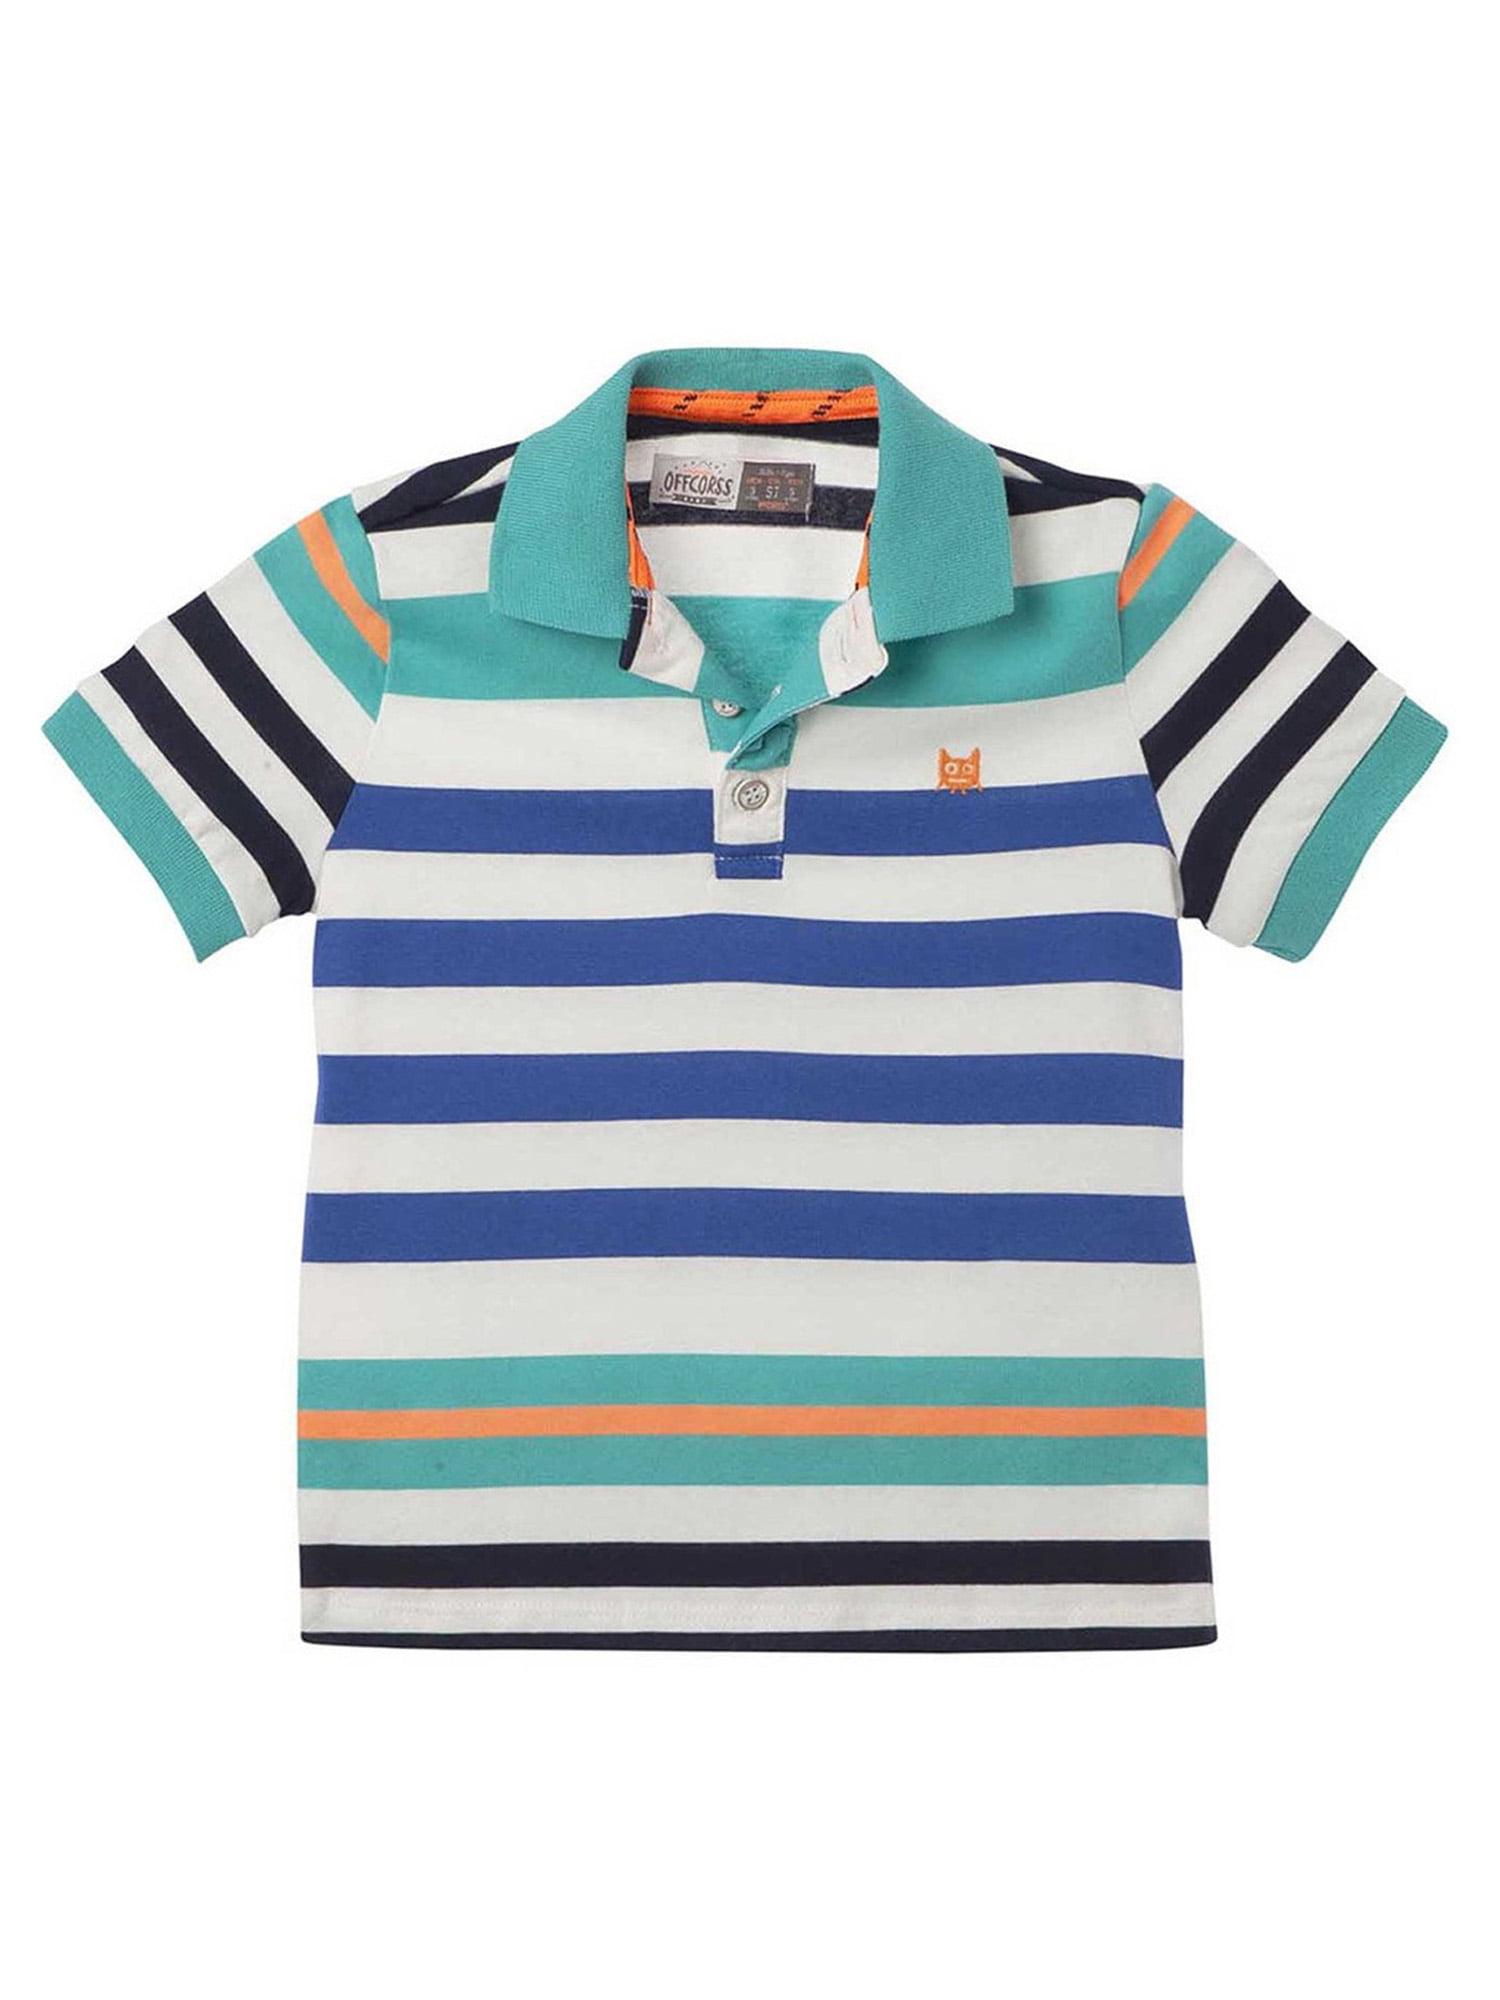 OFFCORSS - OFFCORSS Toddler Boy Cotton Polo T Shirt Camisa Camisetas Tipo  Polo Para Niños - Walmart.com bf2e27a82a1b1